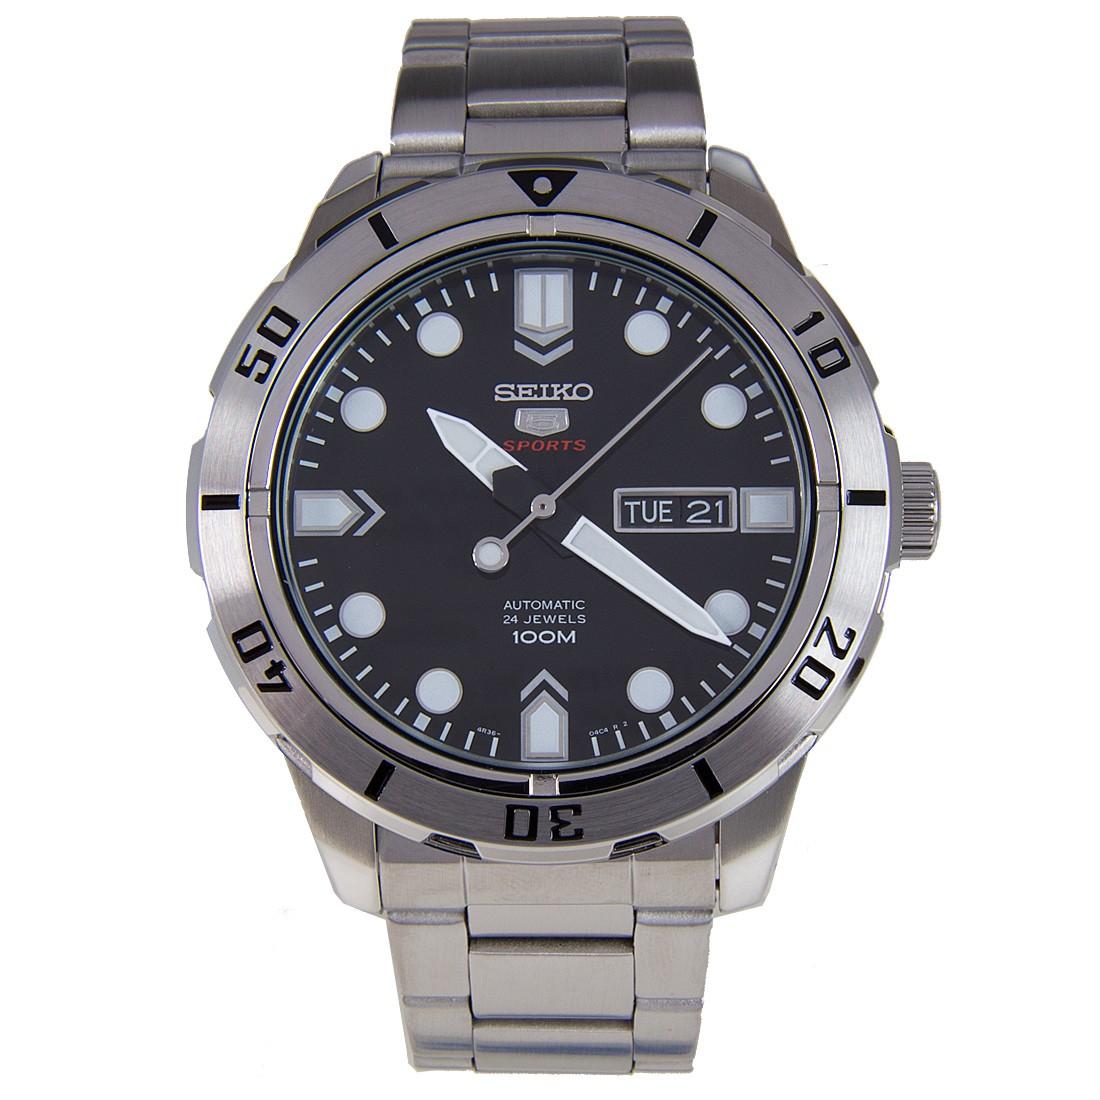 นาฬิกาผู้ชาย Seiko 5 Sports รุ่น SRP671K1 Automatic Men's Watch